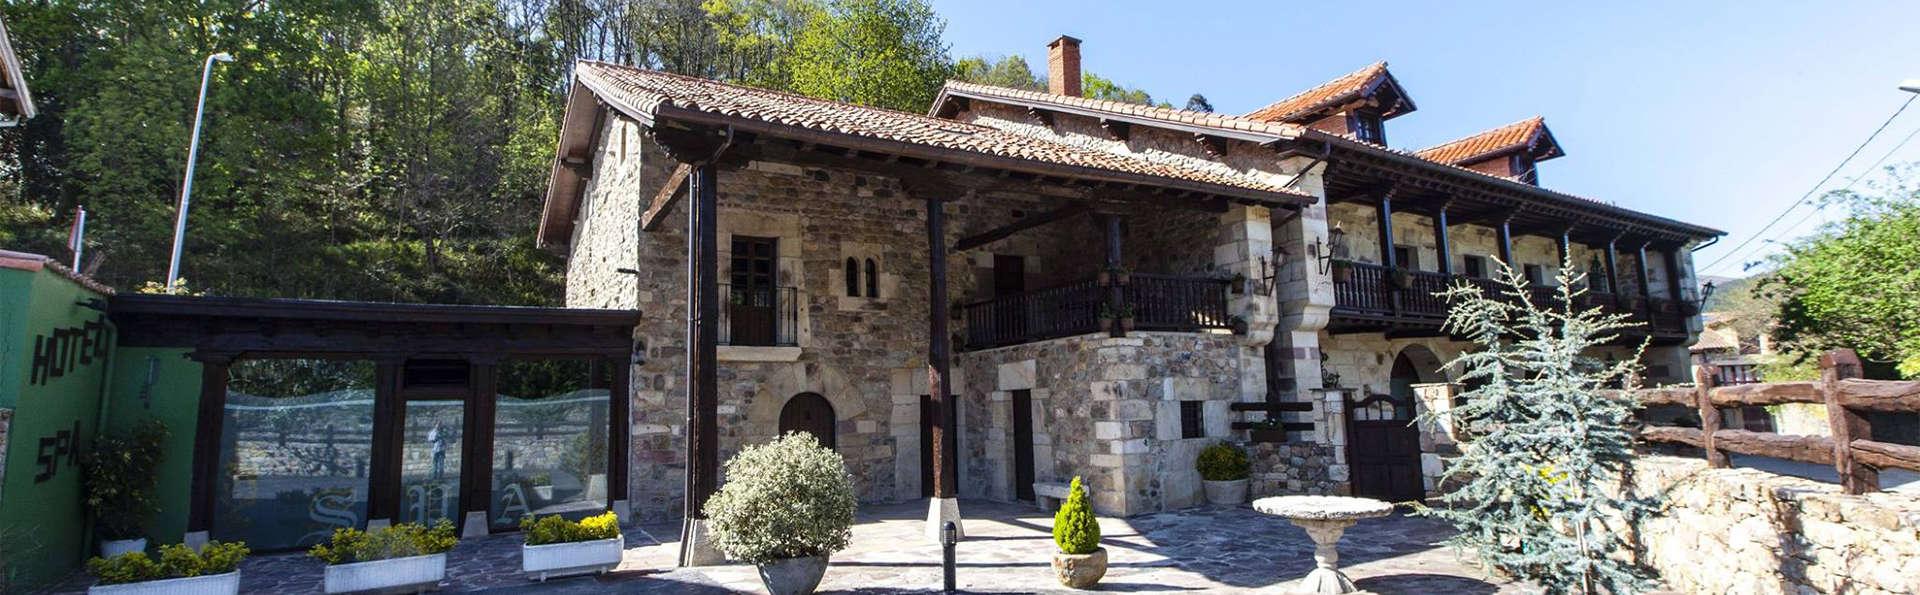 Hotel Spa Casona La Hondonada - EDIT_facade2.jpg